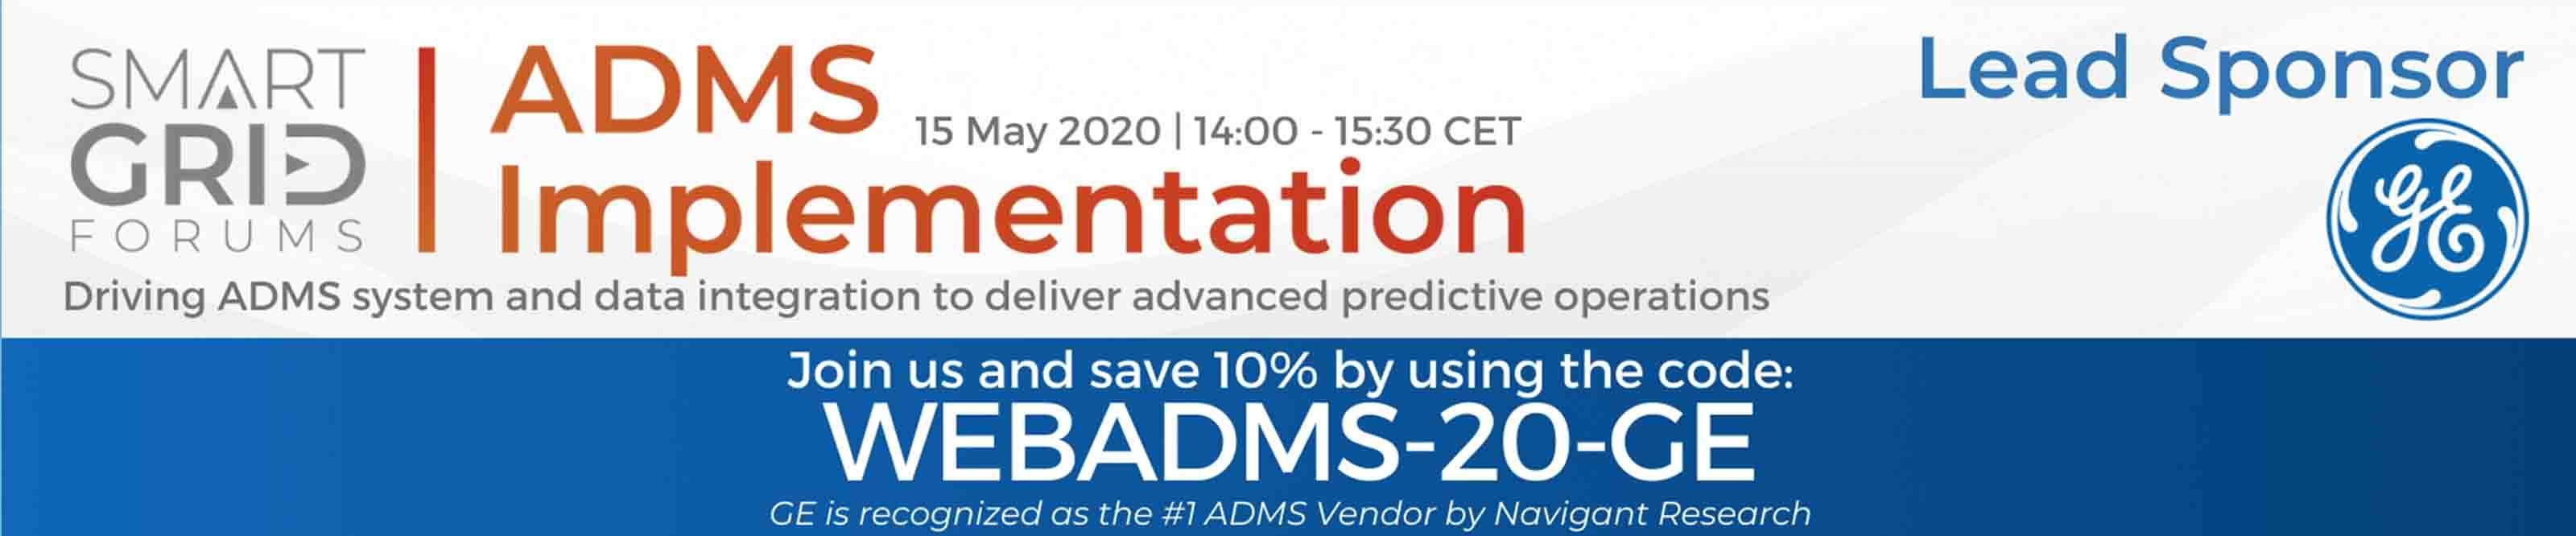 ADMS Implementation | GE Digital Lead Sponsor | Event